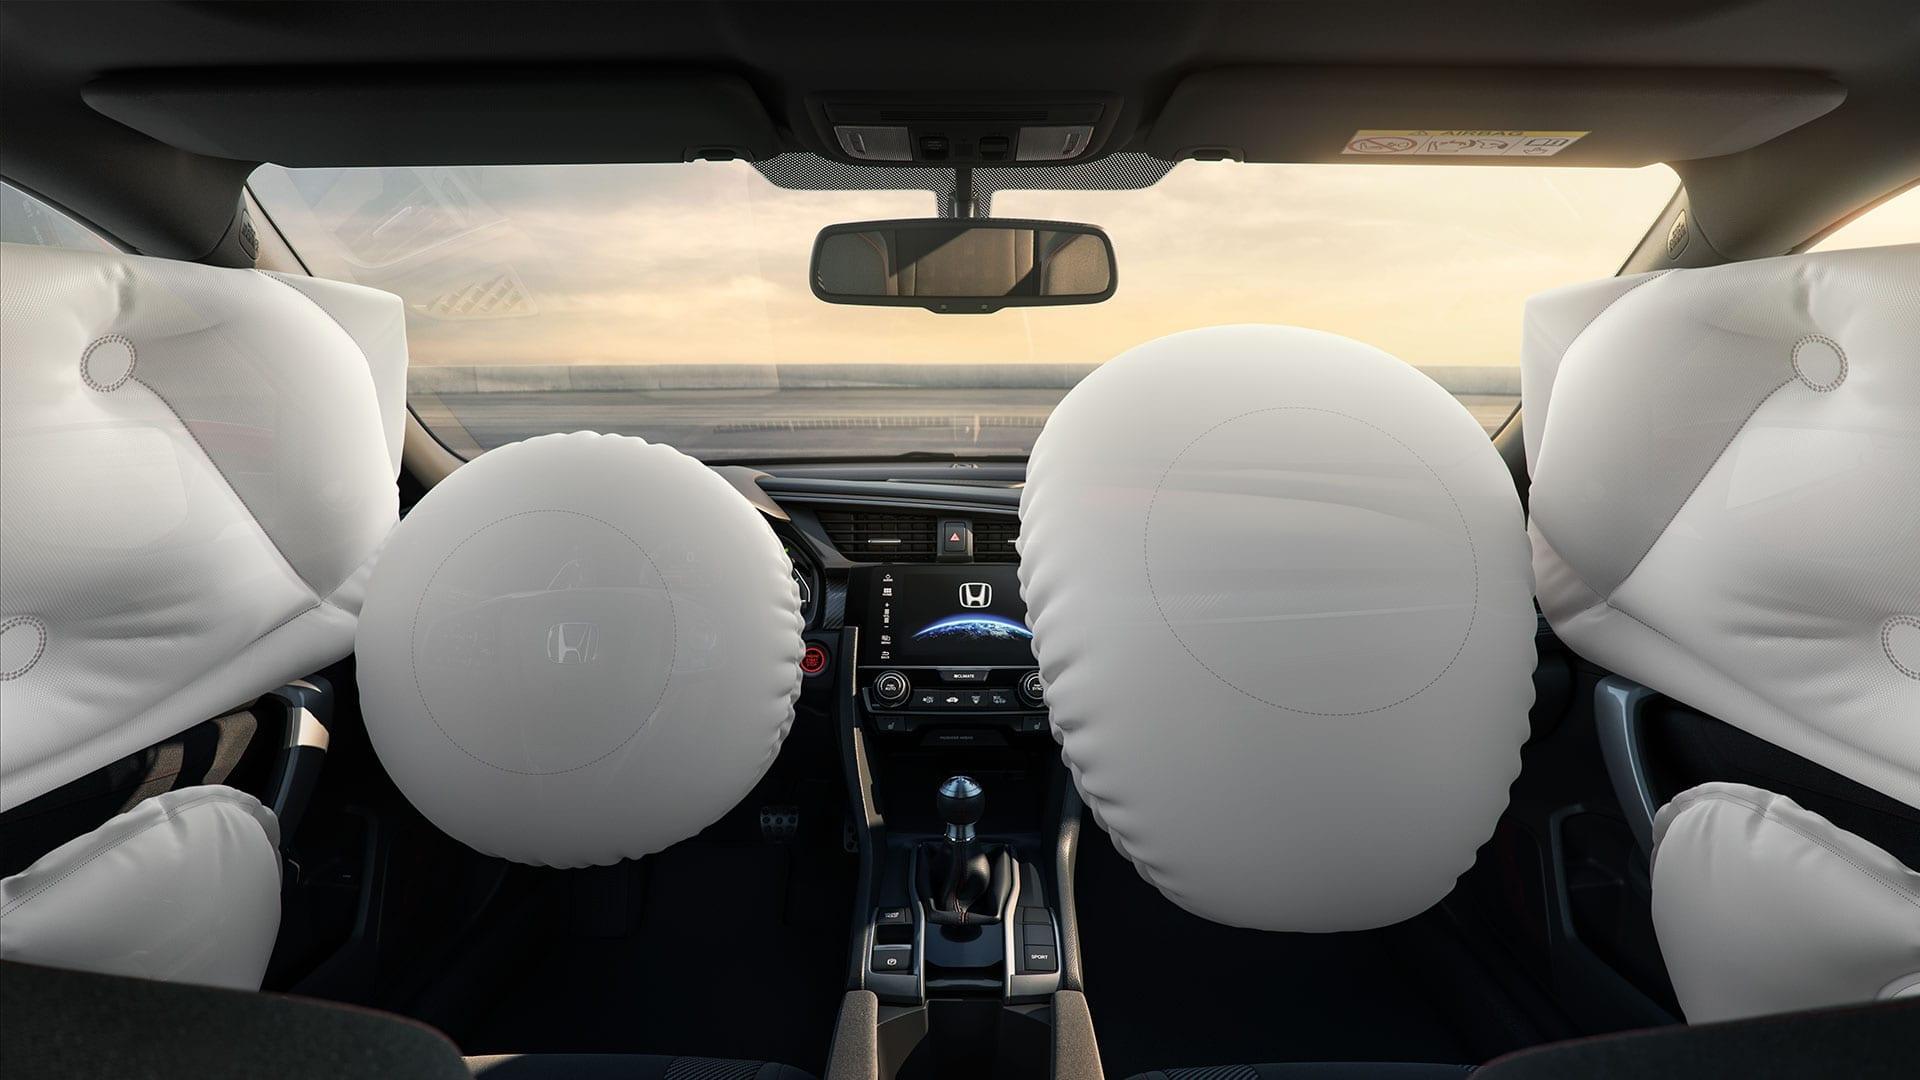 Civic SI - 6 airbags (frontais, laterais e de cortina)